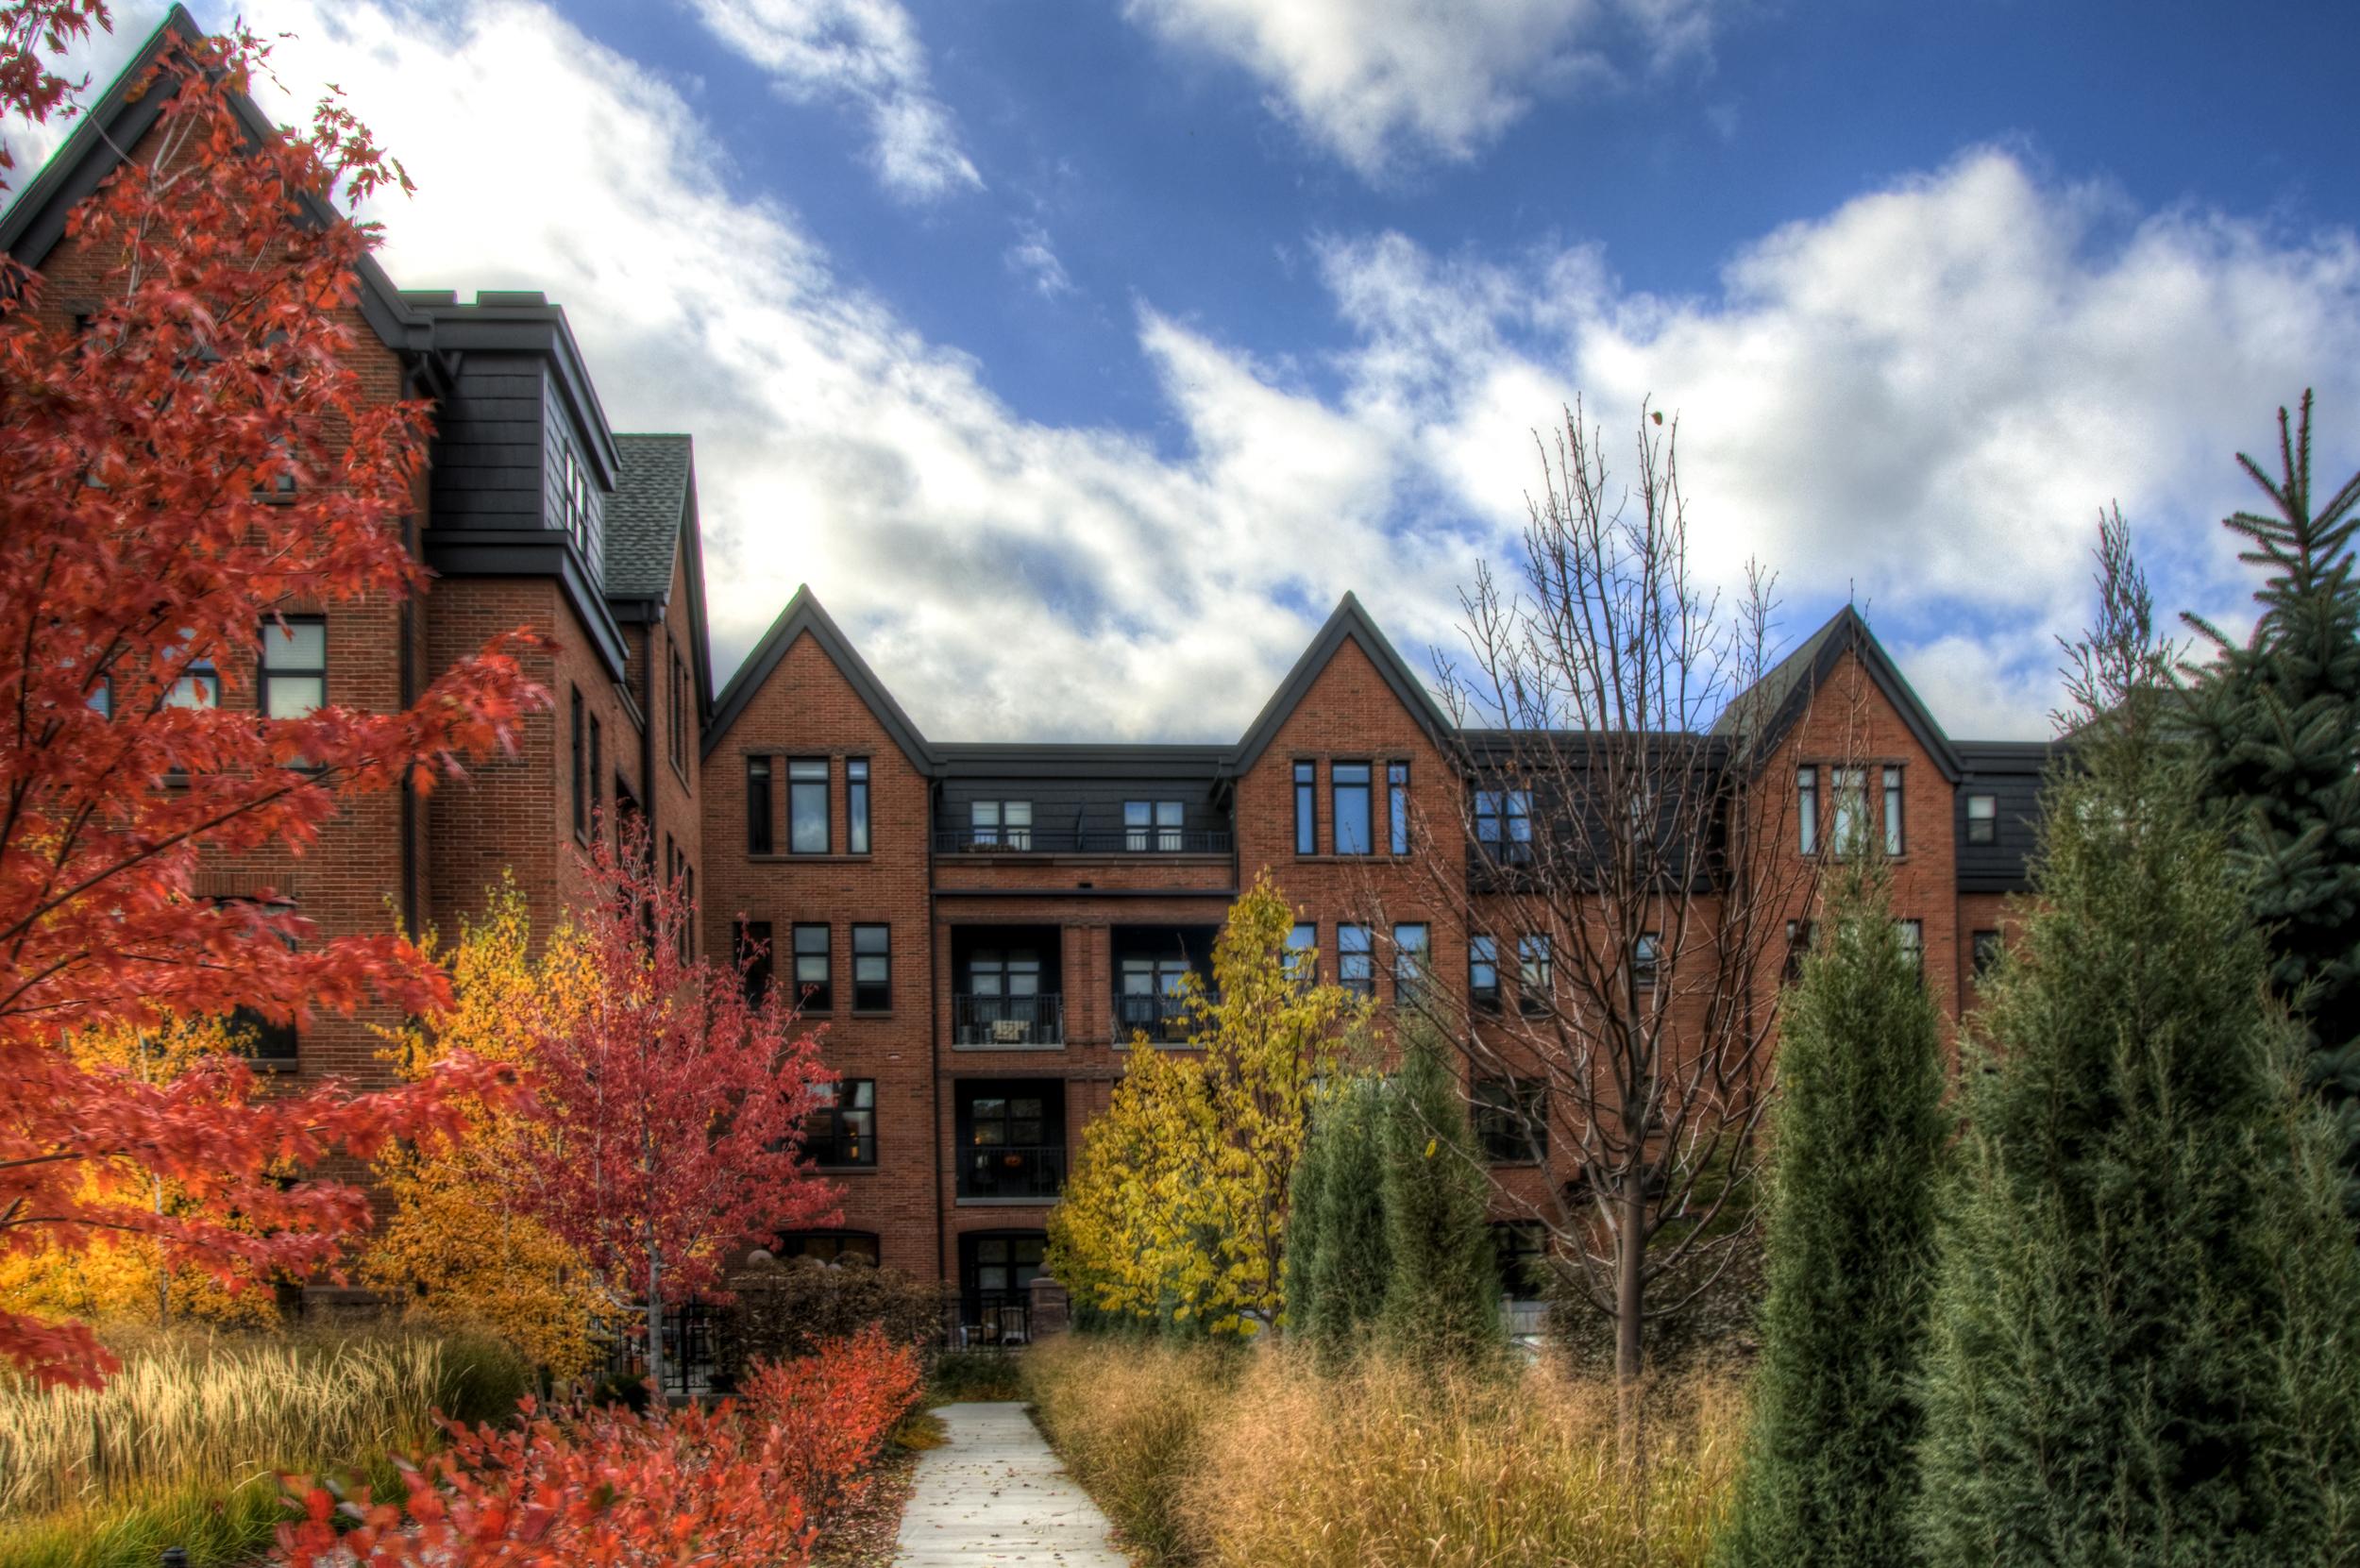 Western Row Condominiums